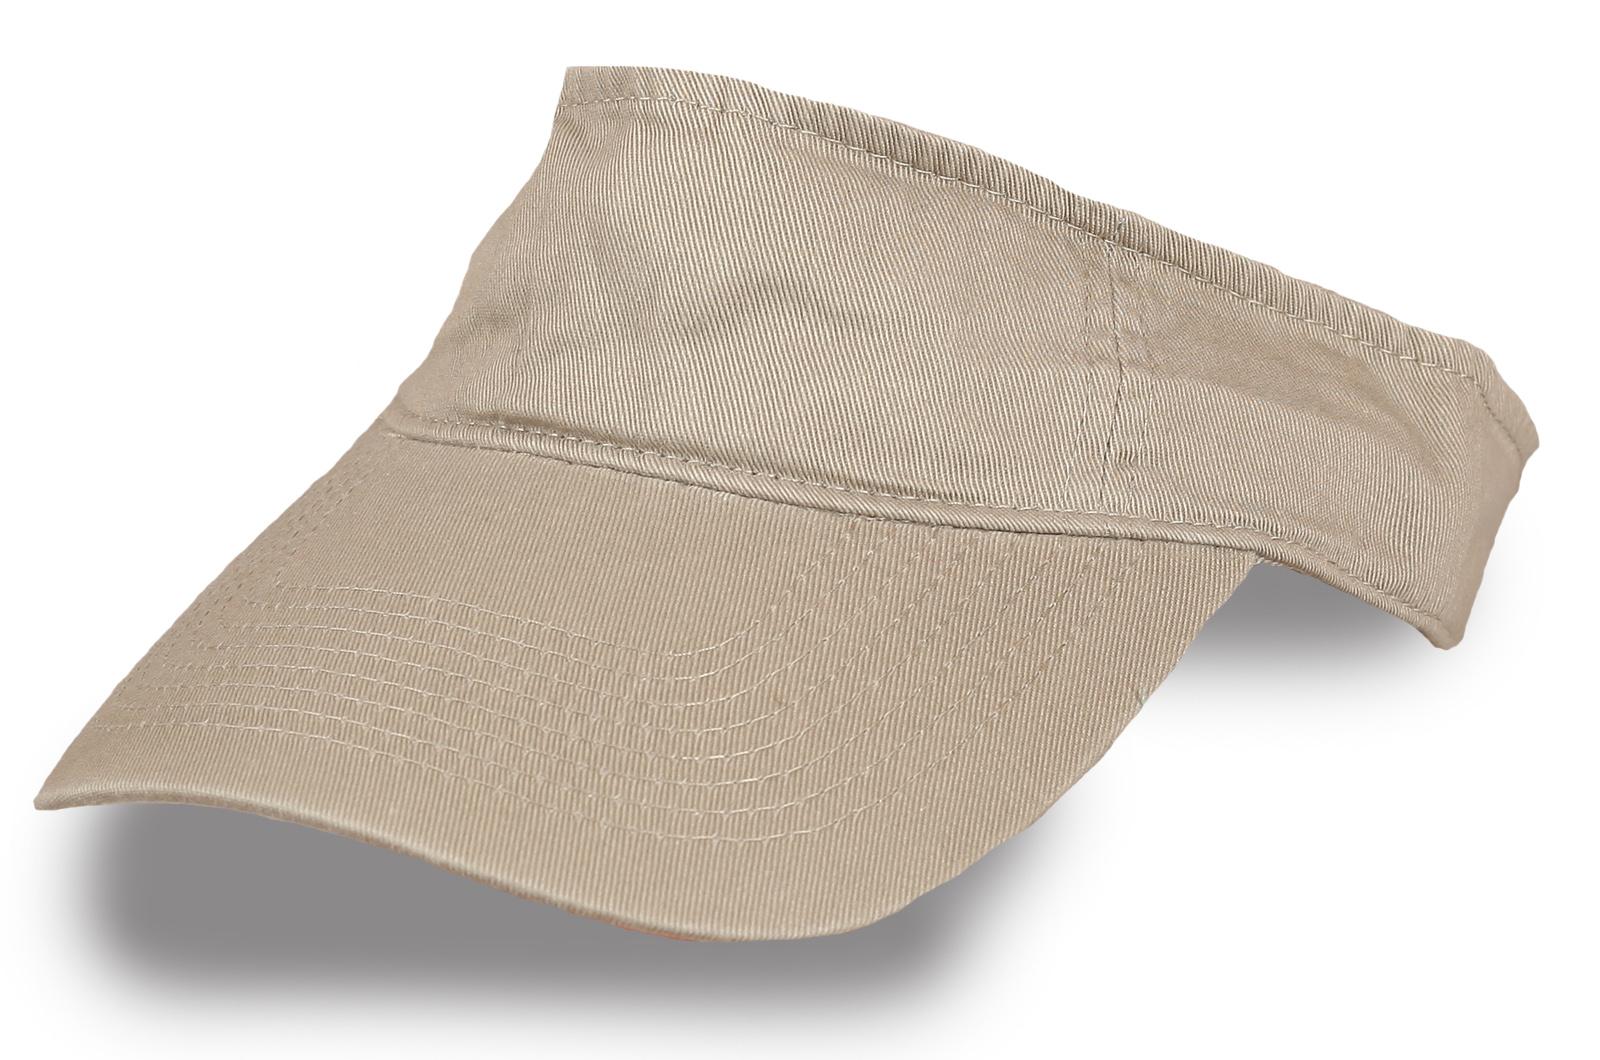 Бежевая кепка тенниска - купить в интернет-магазине с доставкой